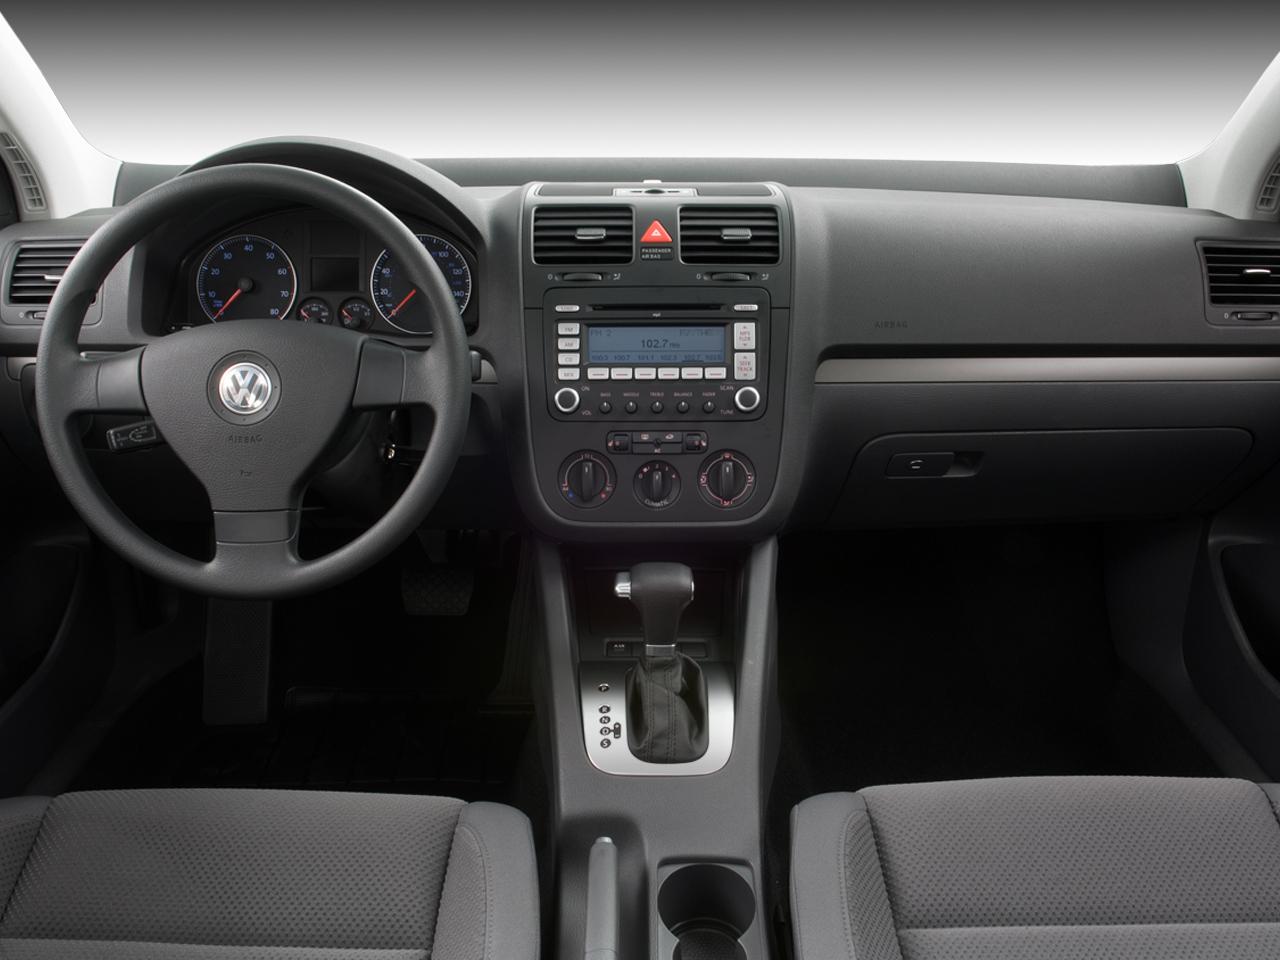 2008 Volkswagen Rabbit S Volkswagen Golf Sport Hatchback